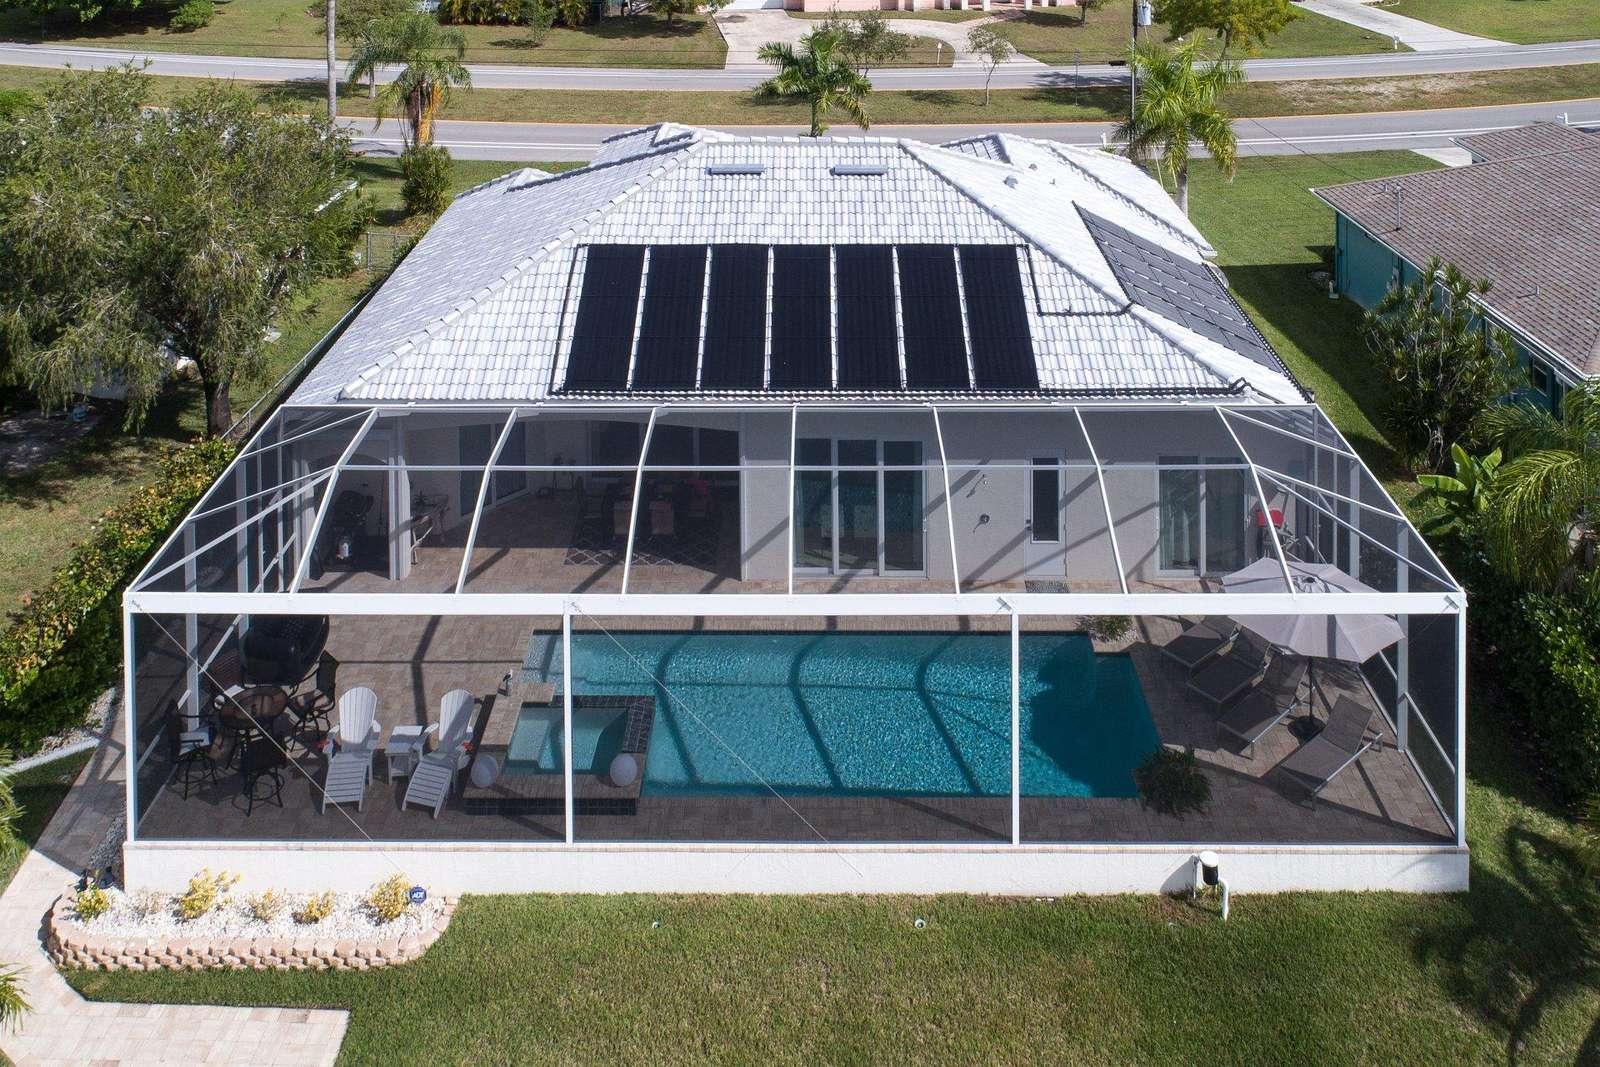 Wischis Florida Vacation Home - Ferienhaus Cape Coral - Hausverwaltung - Immobilien